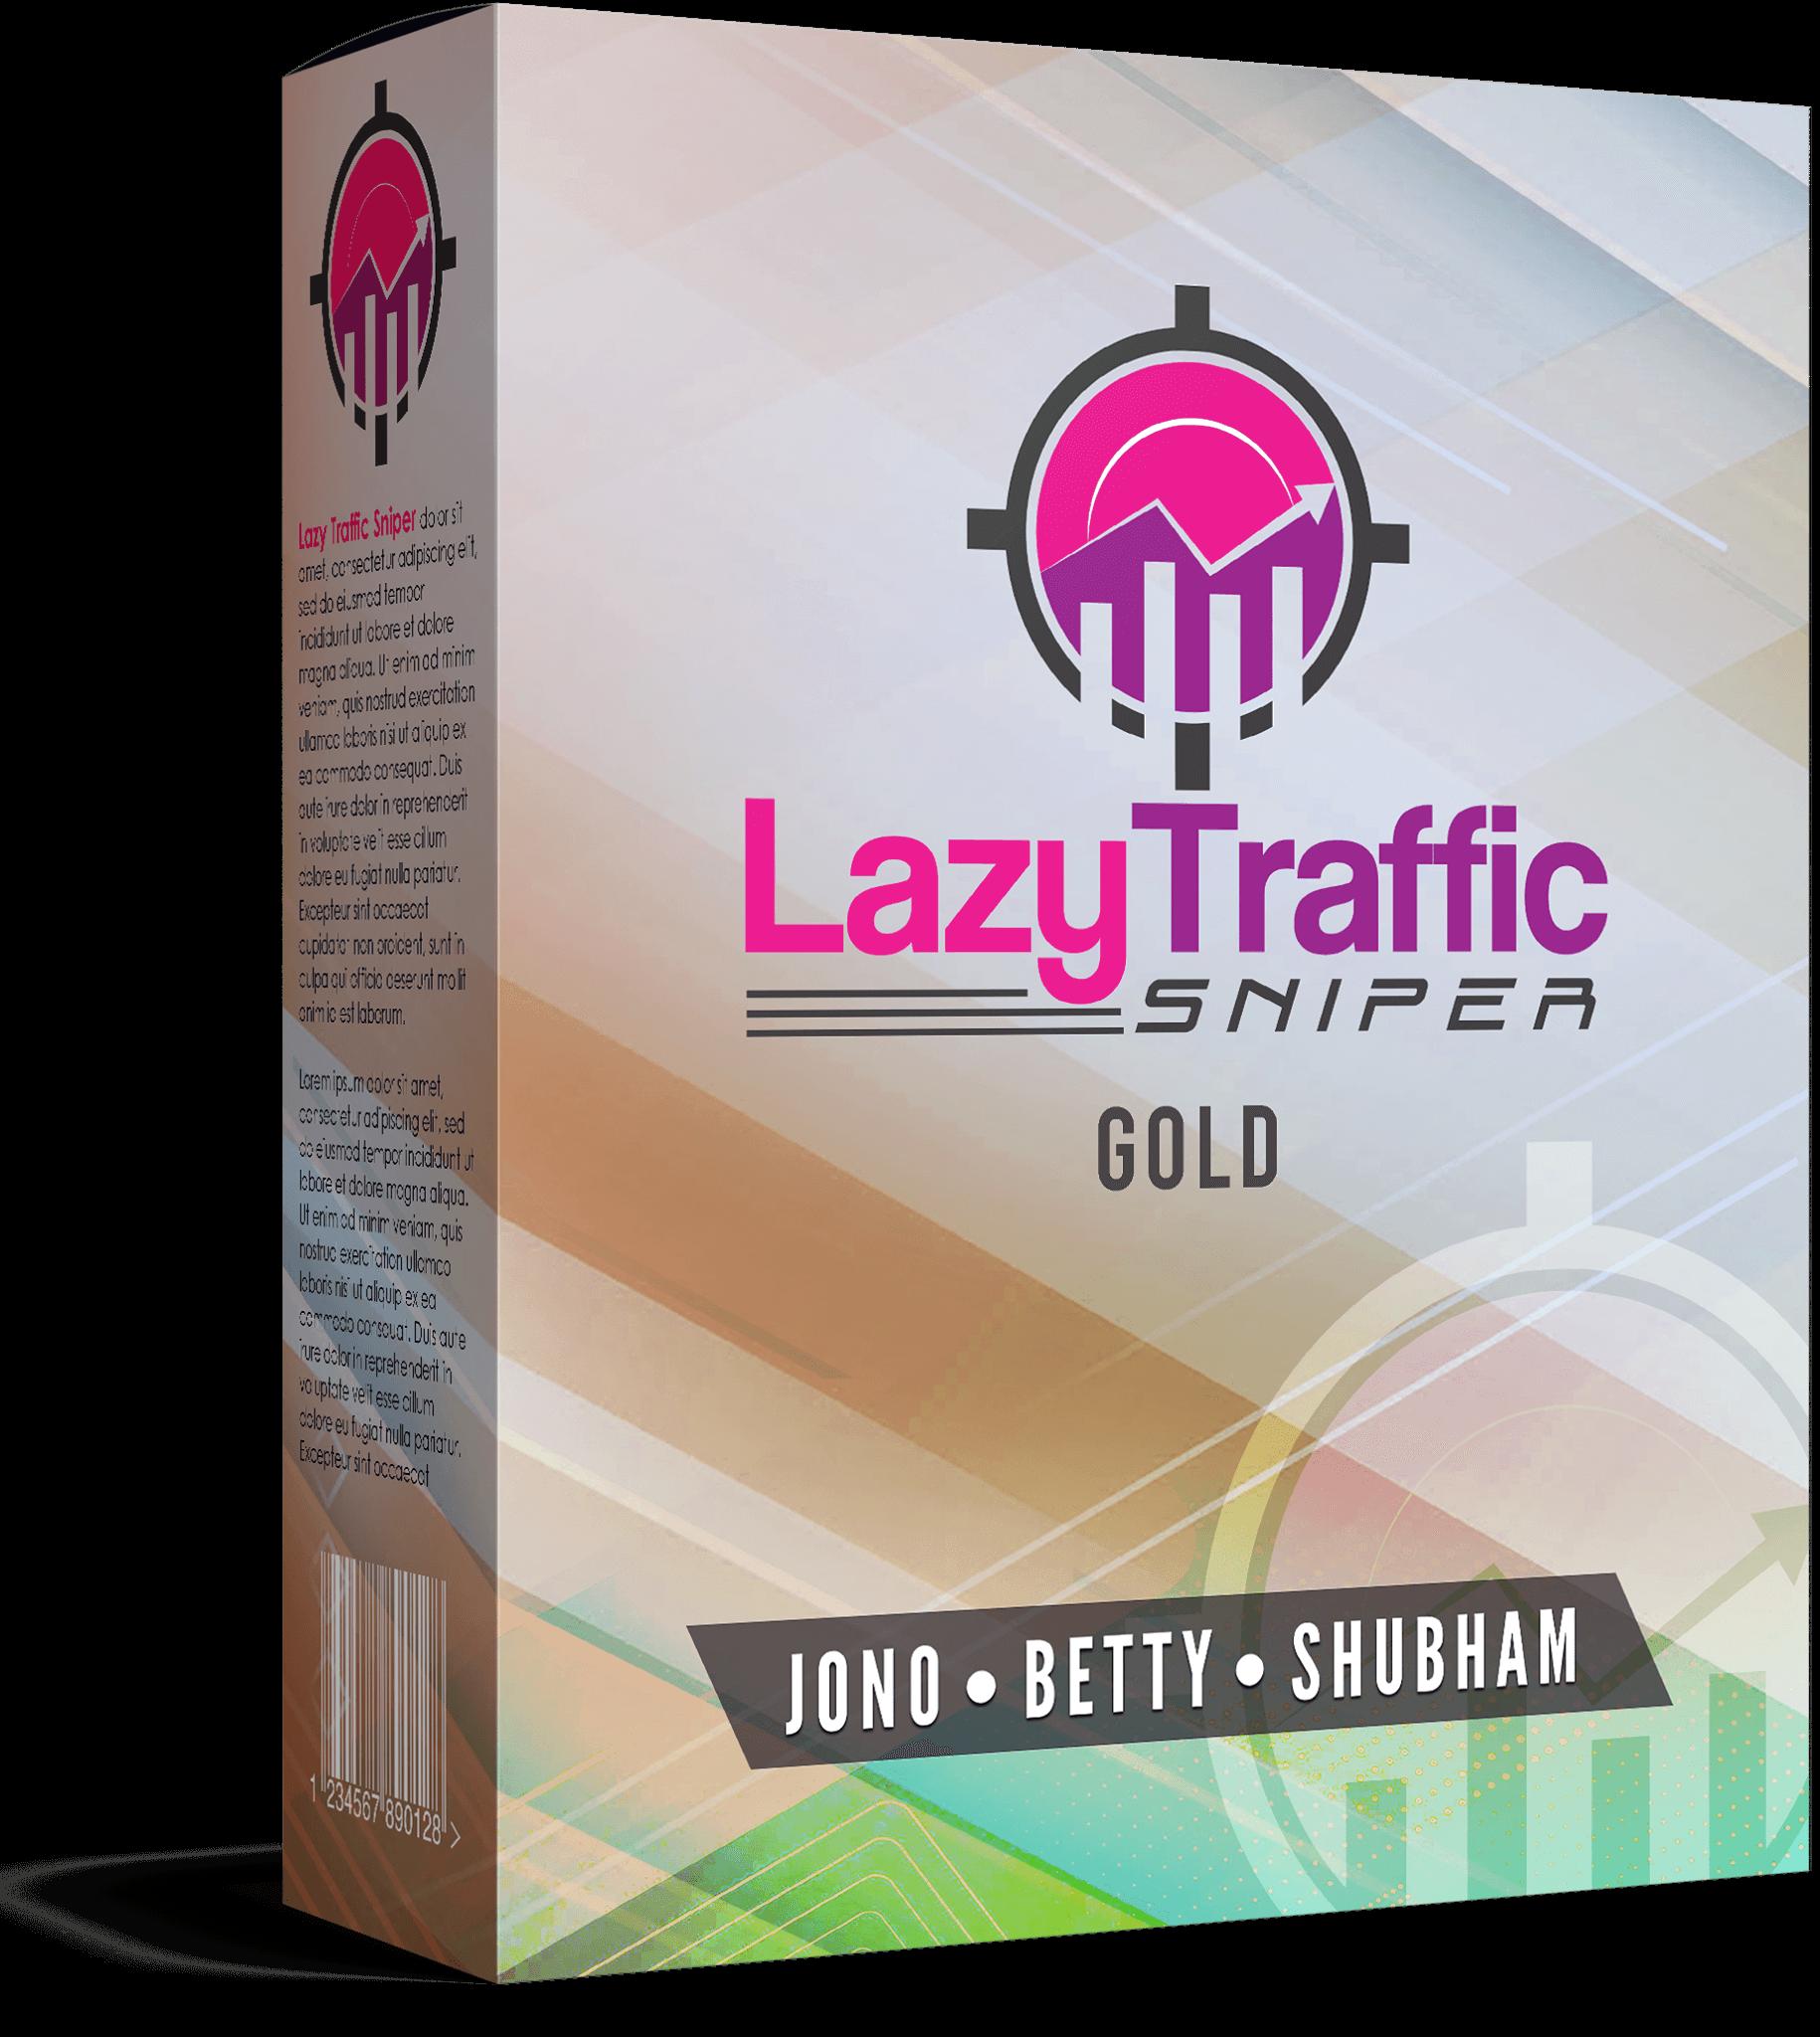 Lazy-Traffic-Sniper-oto-3